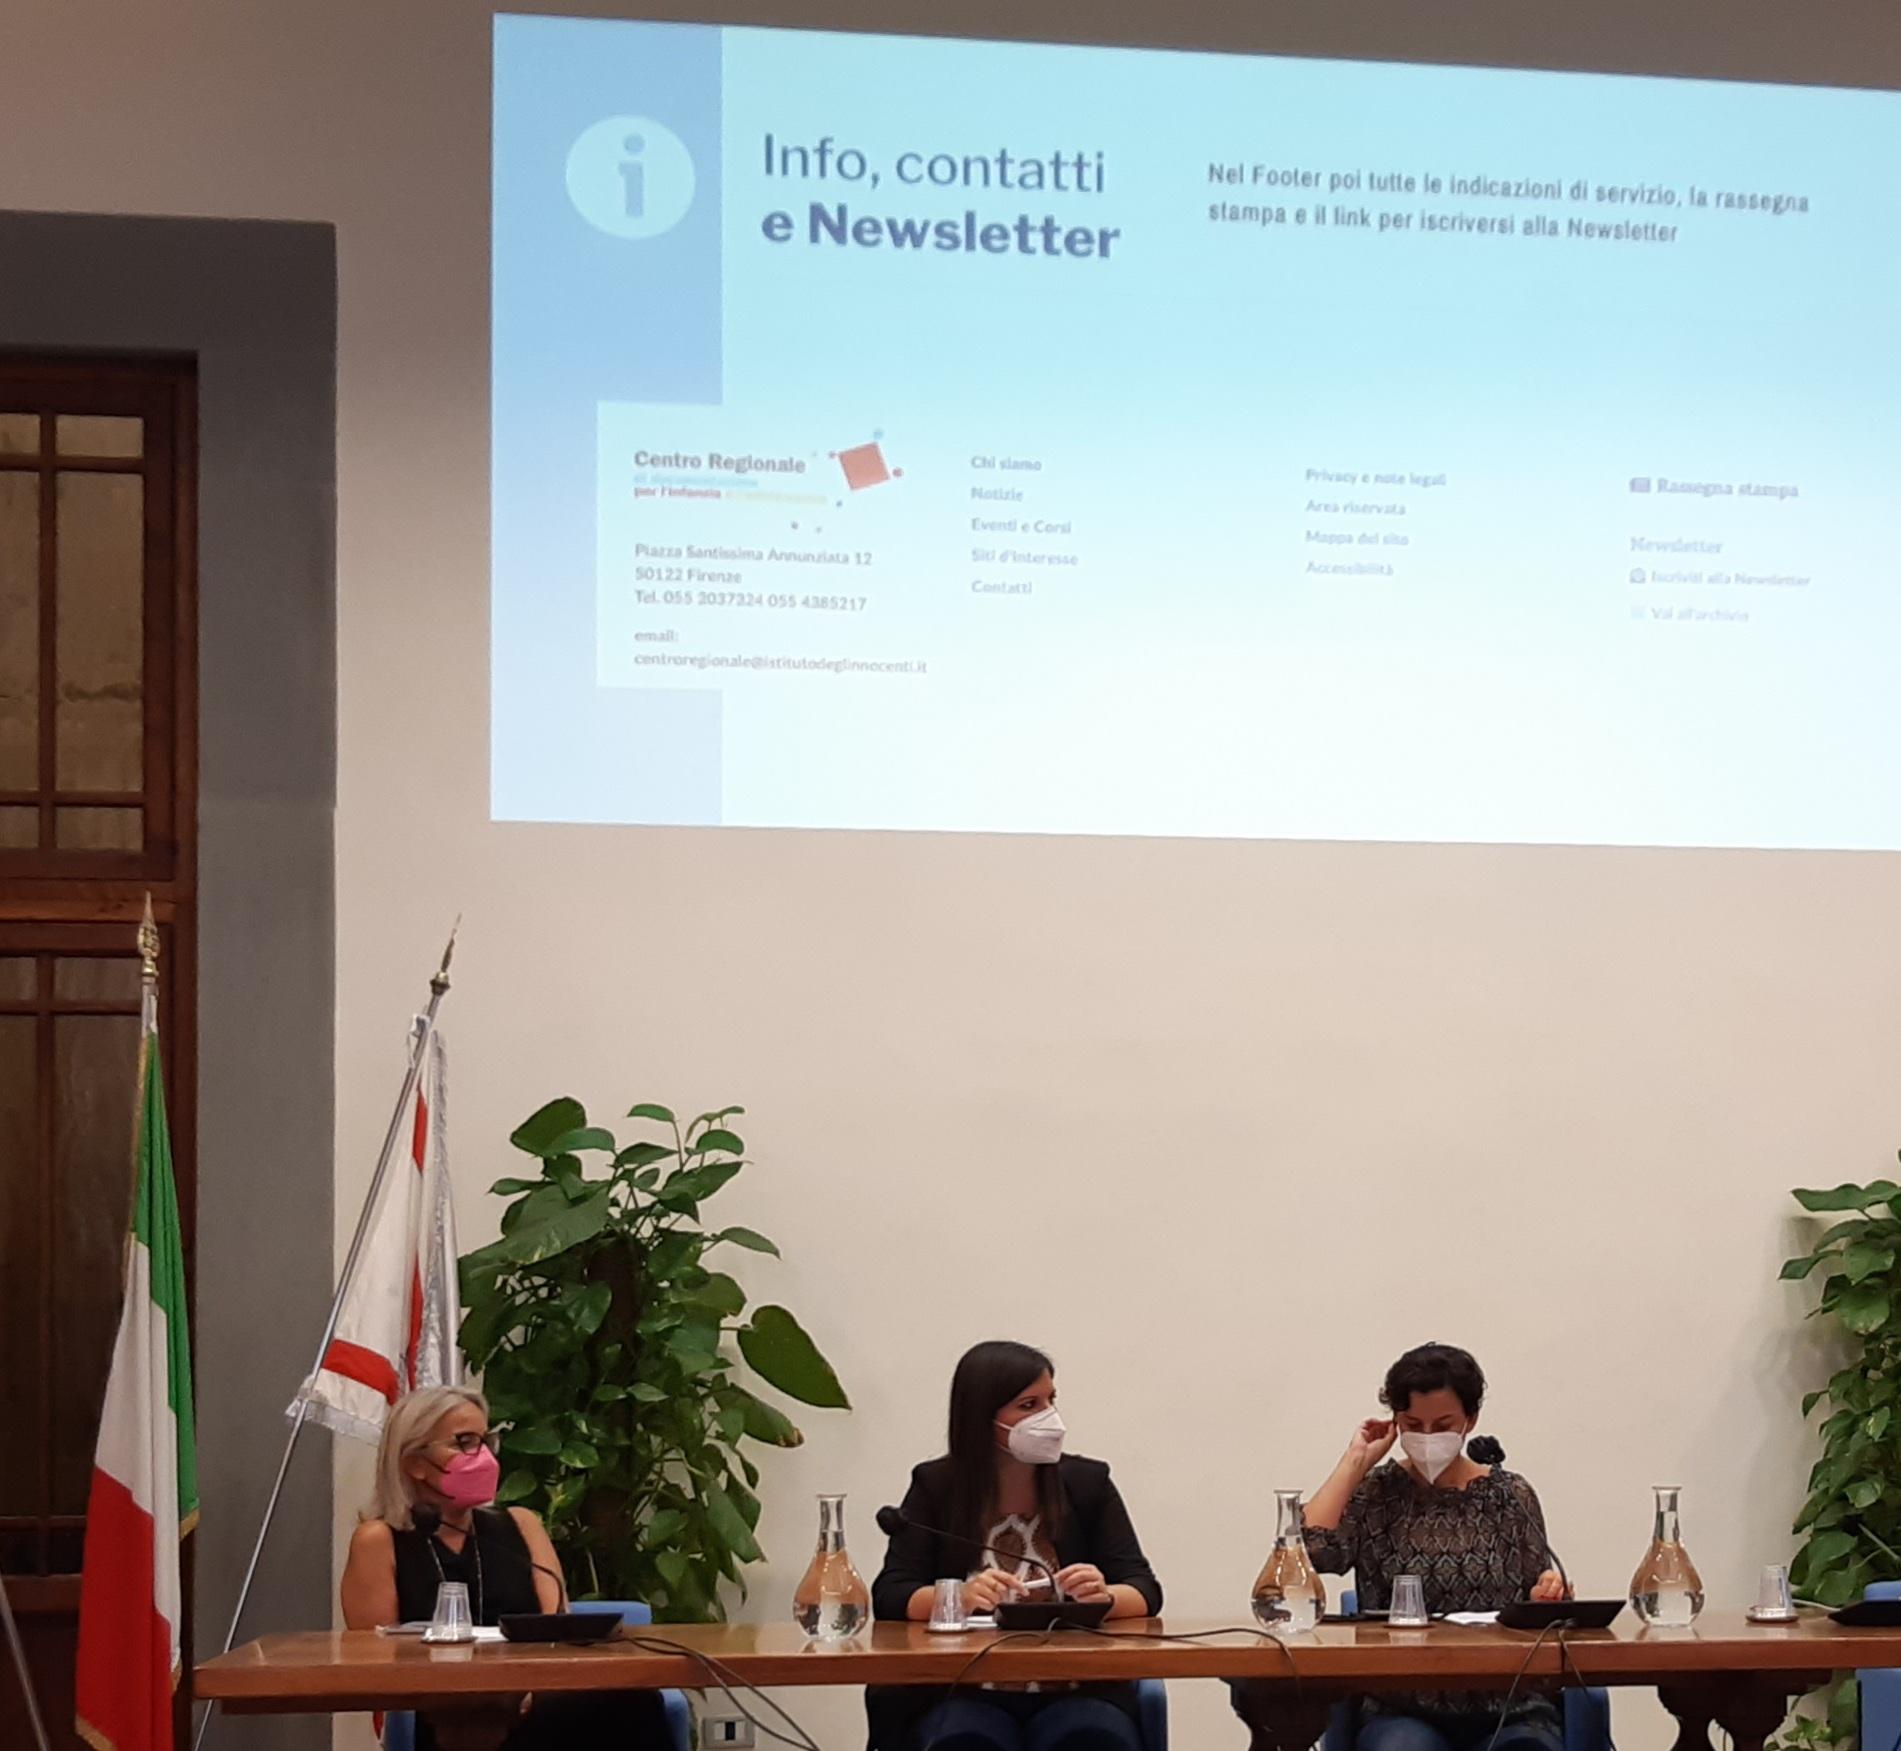 Diritti infanzia e adolescenza, nuovo sito al servizio di famiglie e servizi territoriali